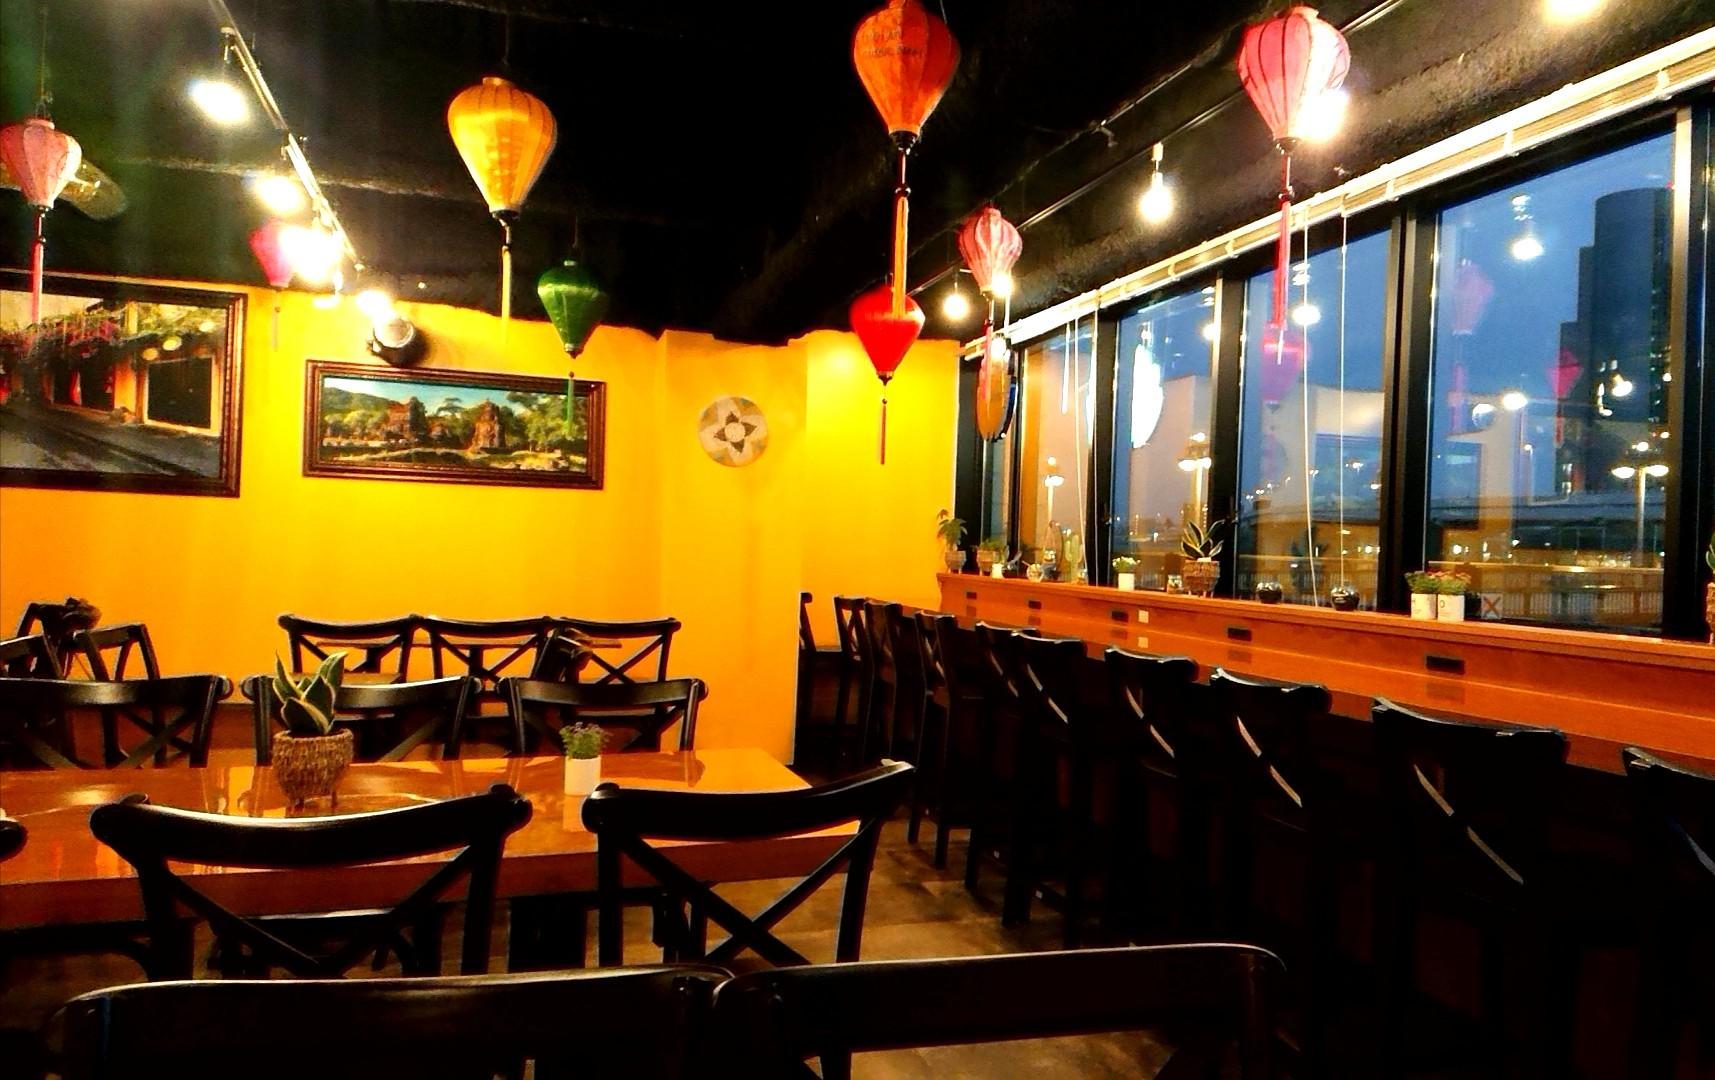 浅草でベトナム麺料理_a0098948_15174956.jpg